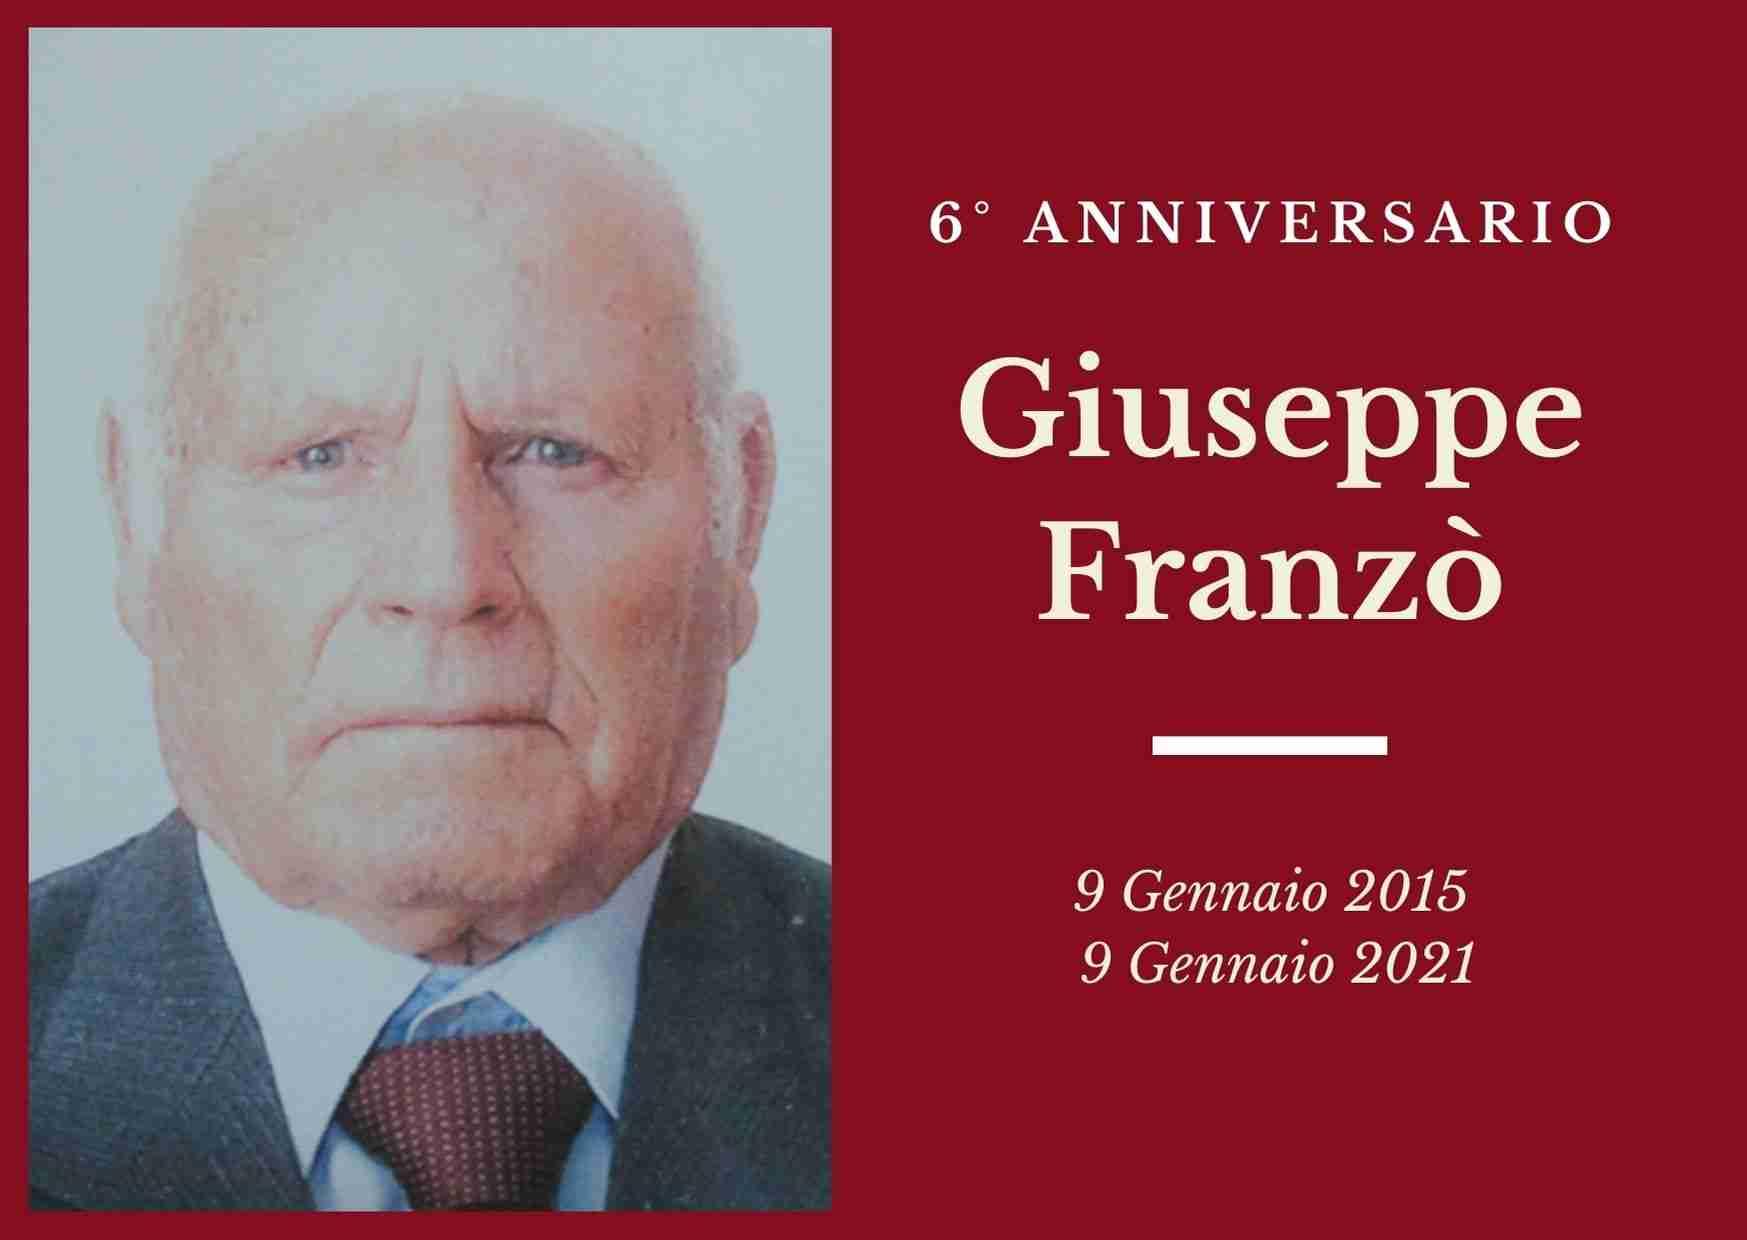 Necrologio: ricorre oggi il 6° anniversario di Giuseppe Franzò